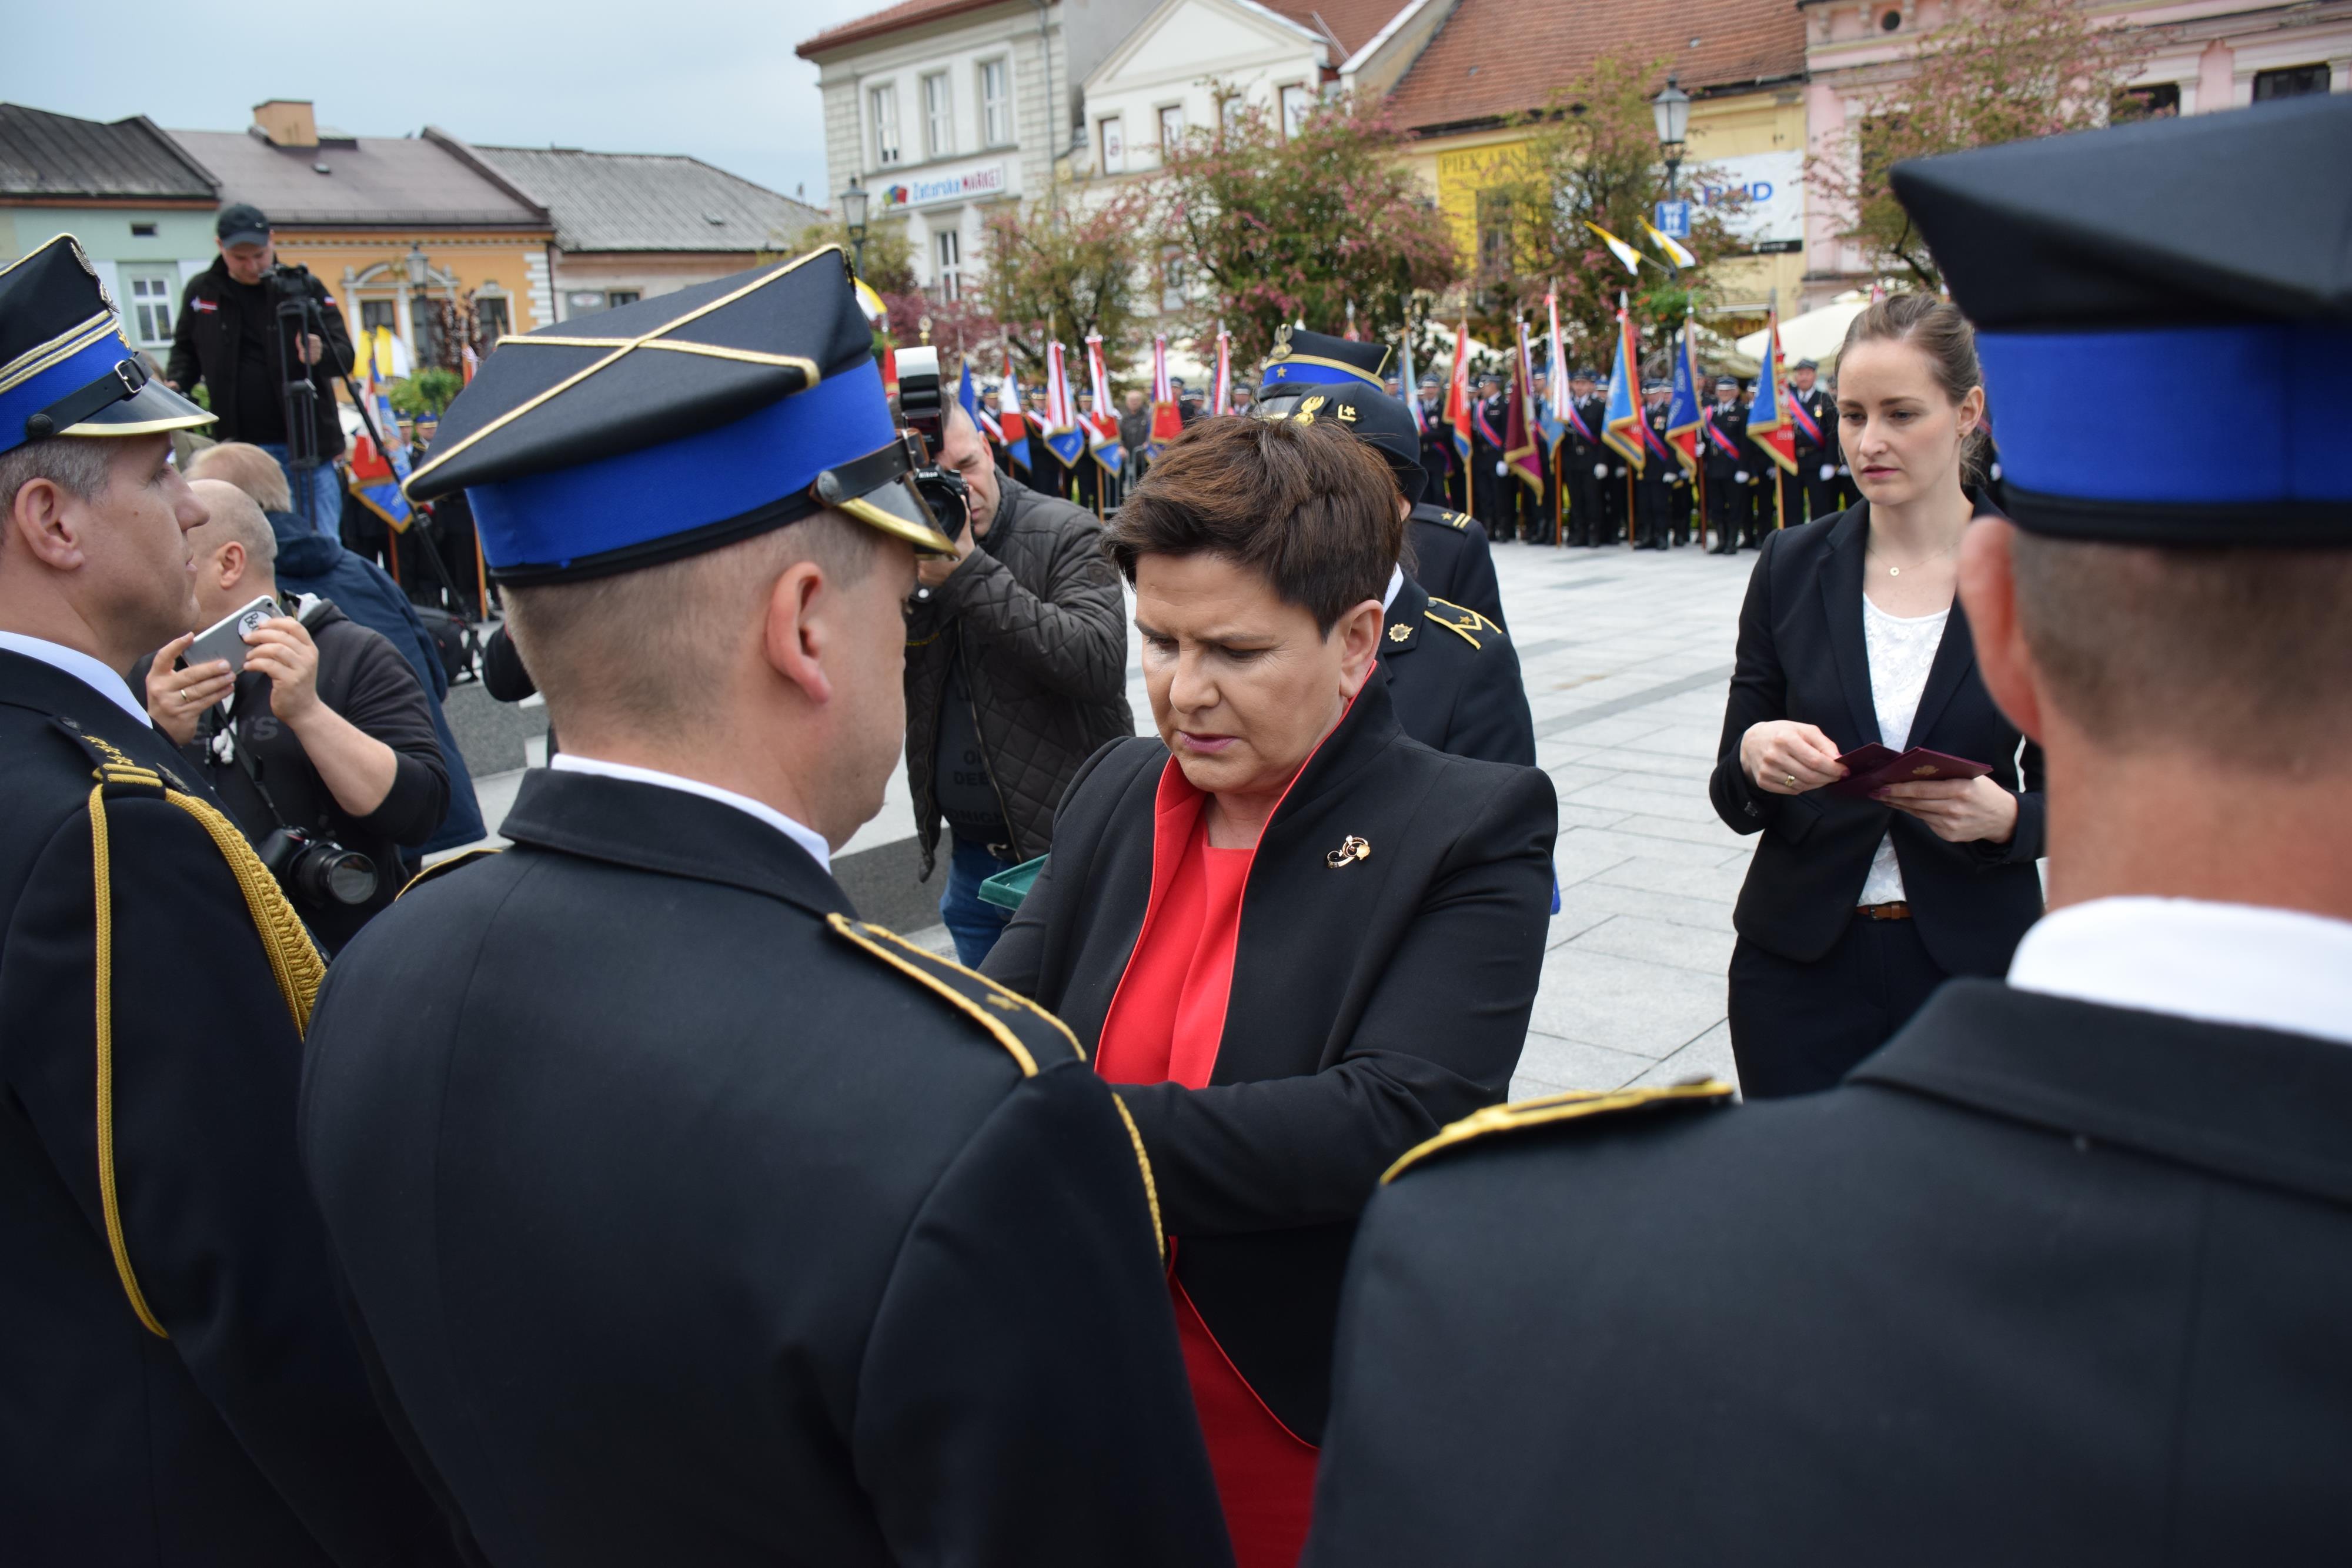 Święto małopolskich strażaków na Rynku. Medale wręczała wicepremier Beata Szydło [FOTO] [AKTUALIZACJA]